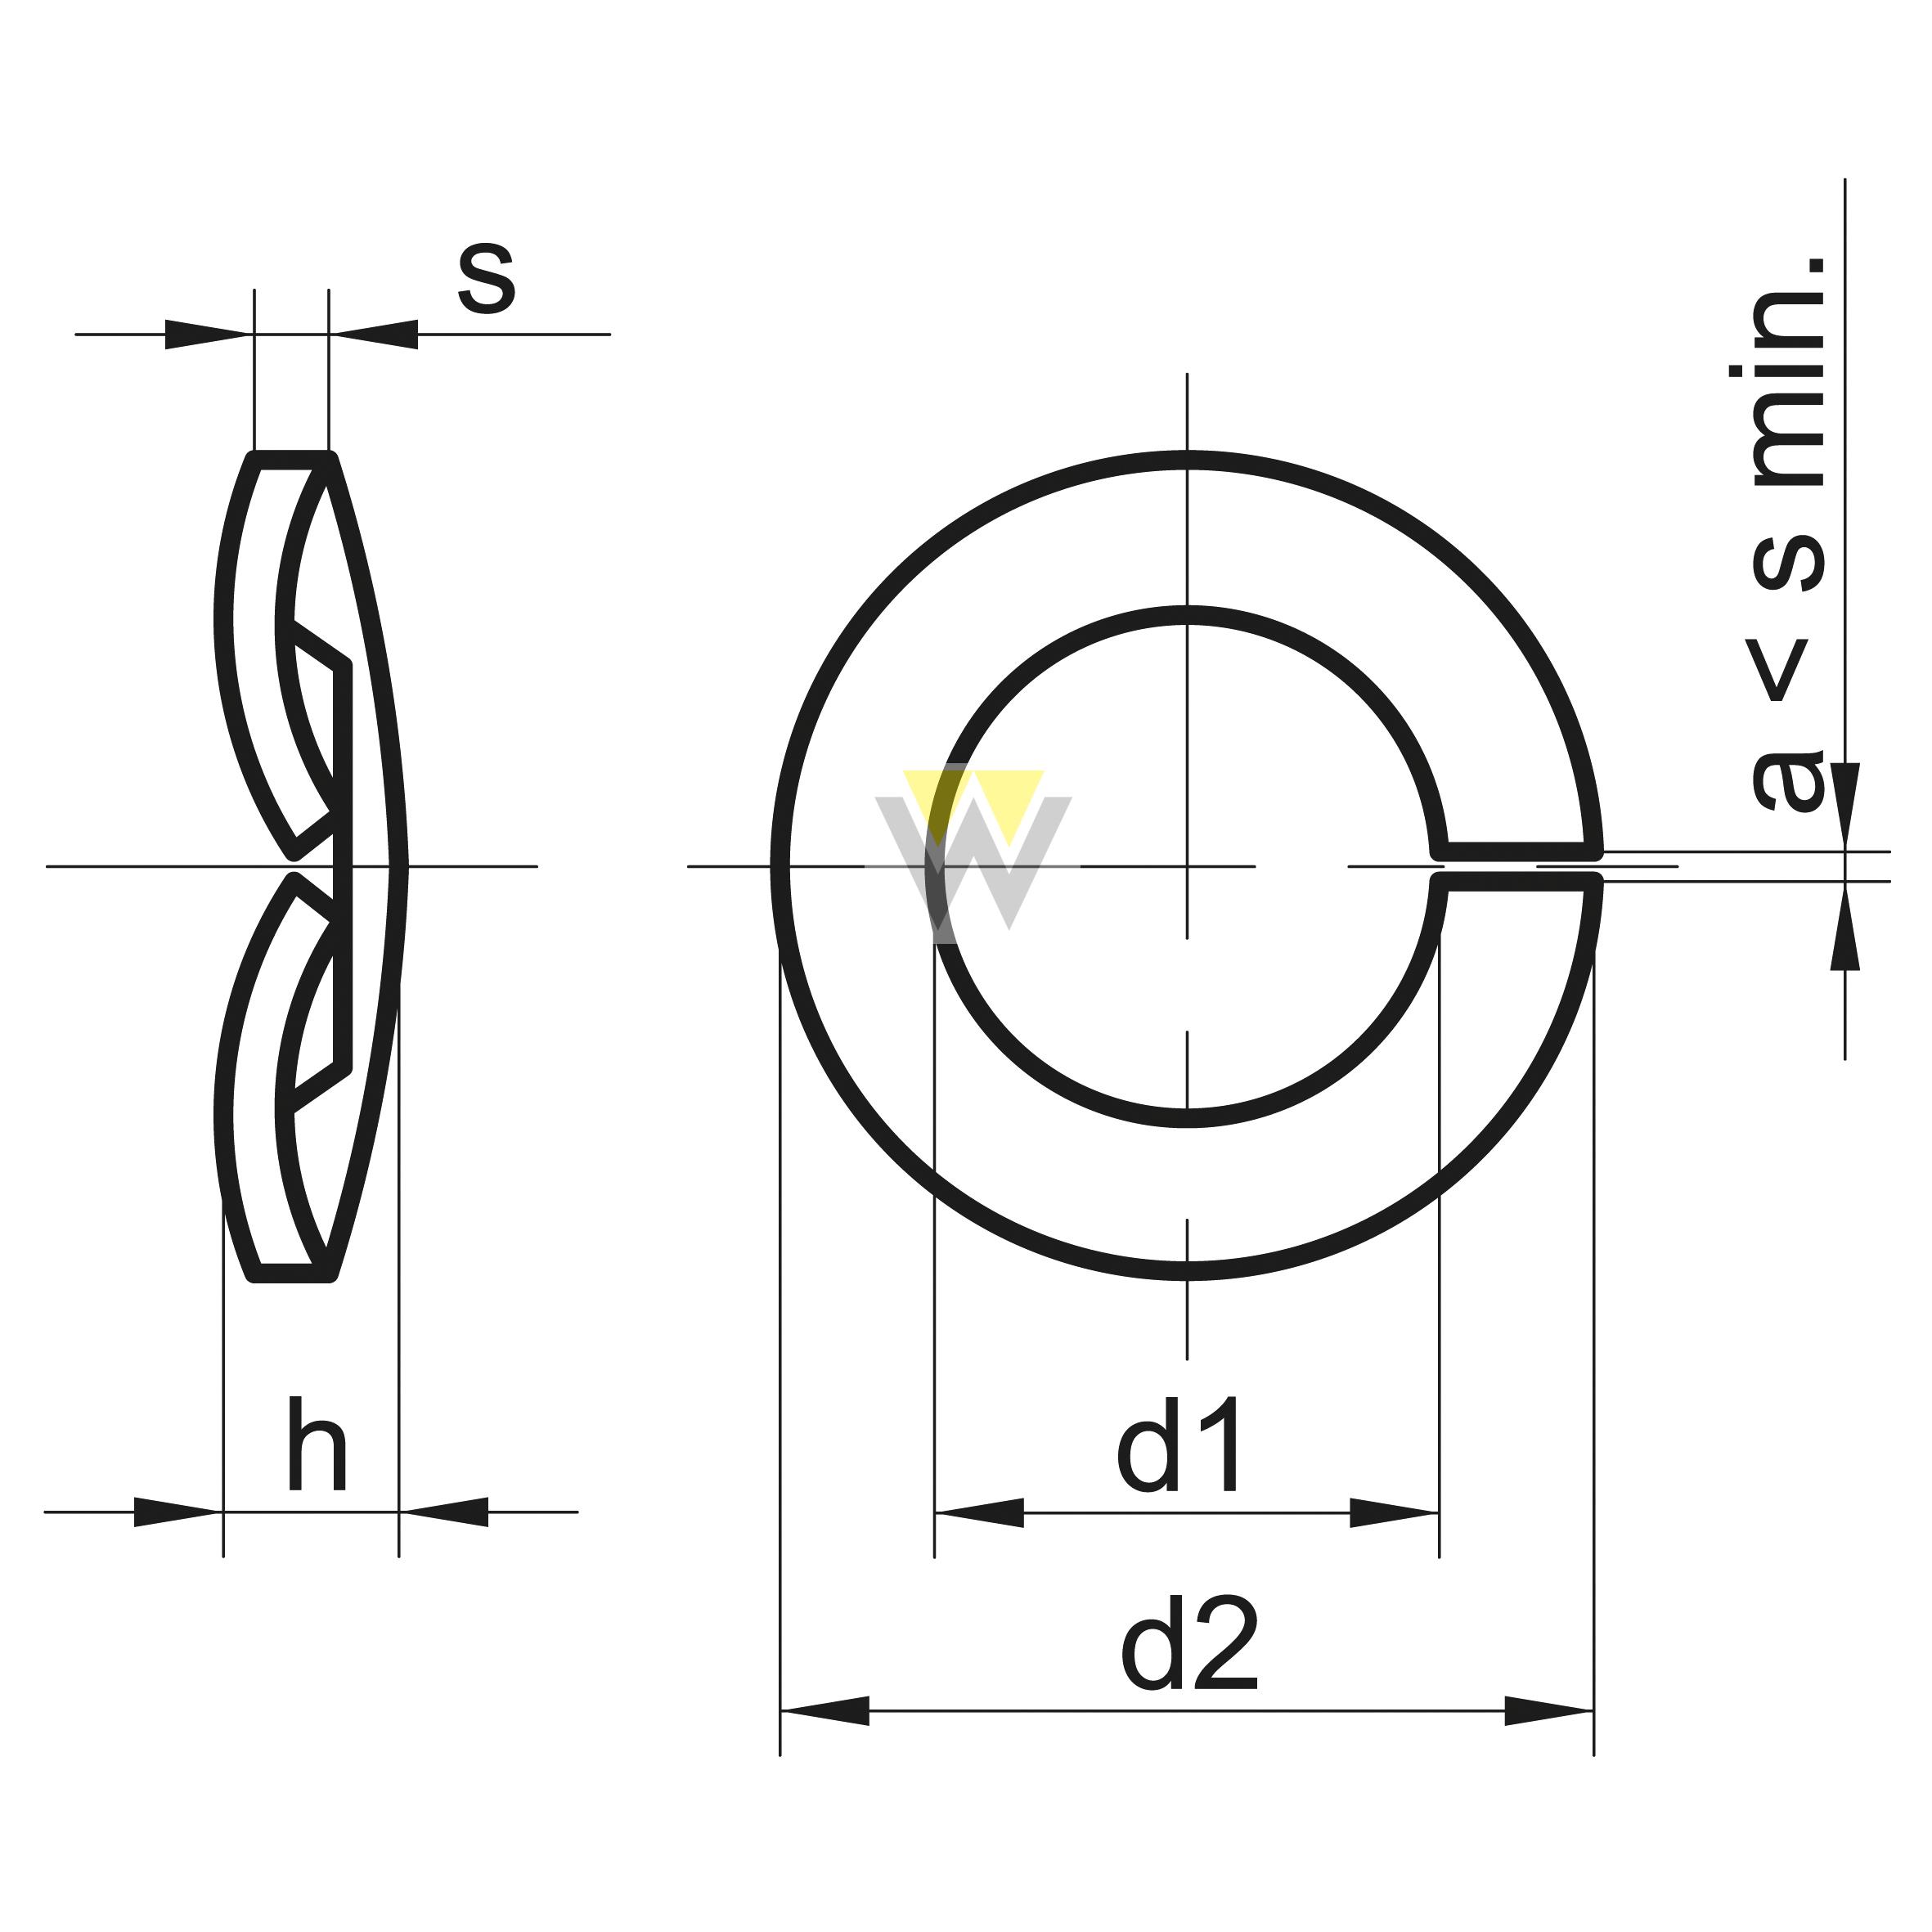 WERCHEM_DIN128A_drawing